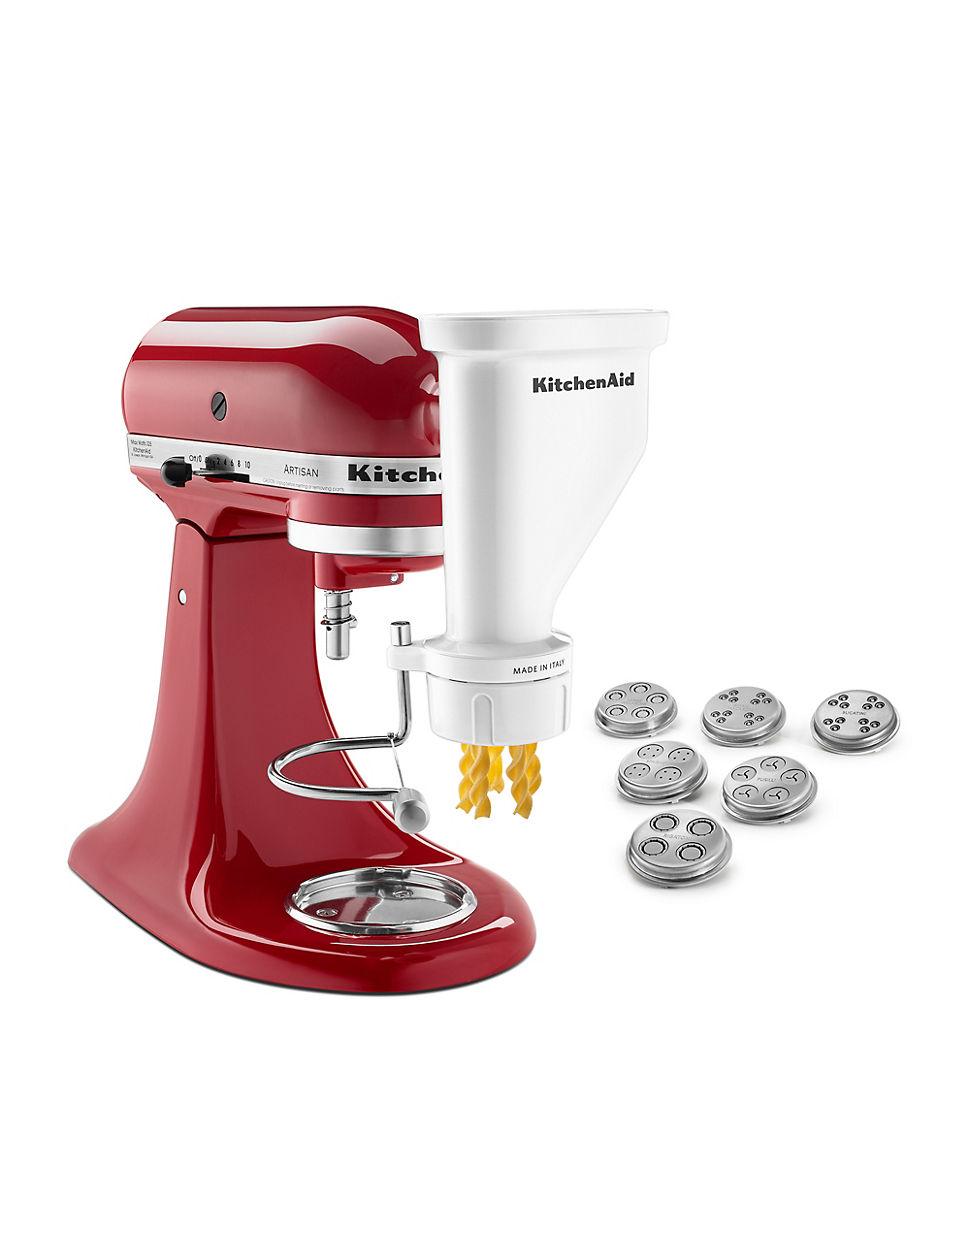 KITCHENAID   Mixers   Small Appliances   Appliances   Home ...